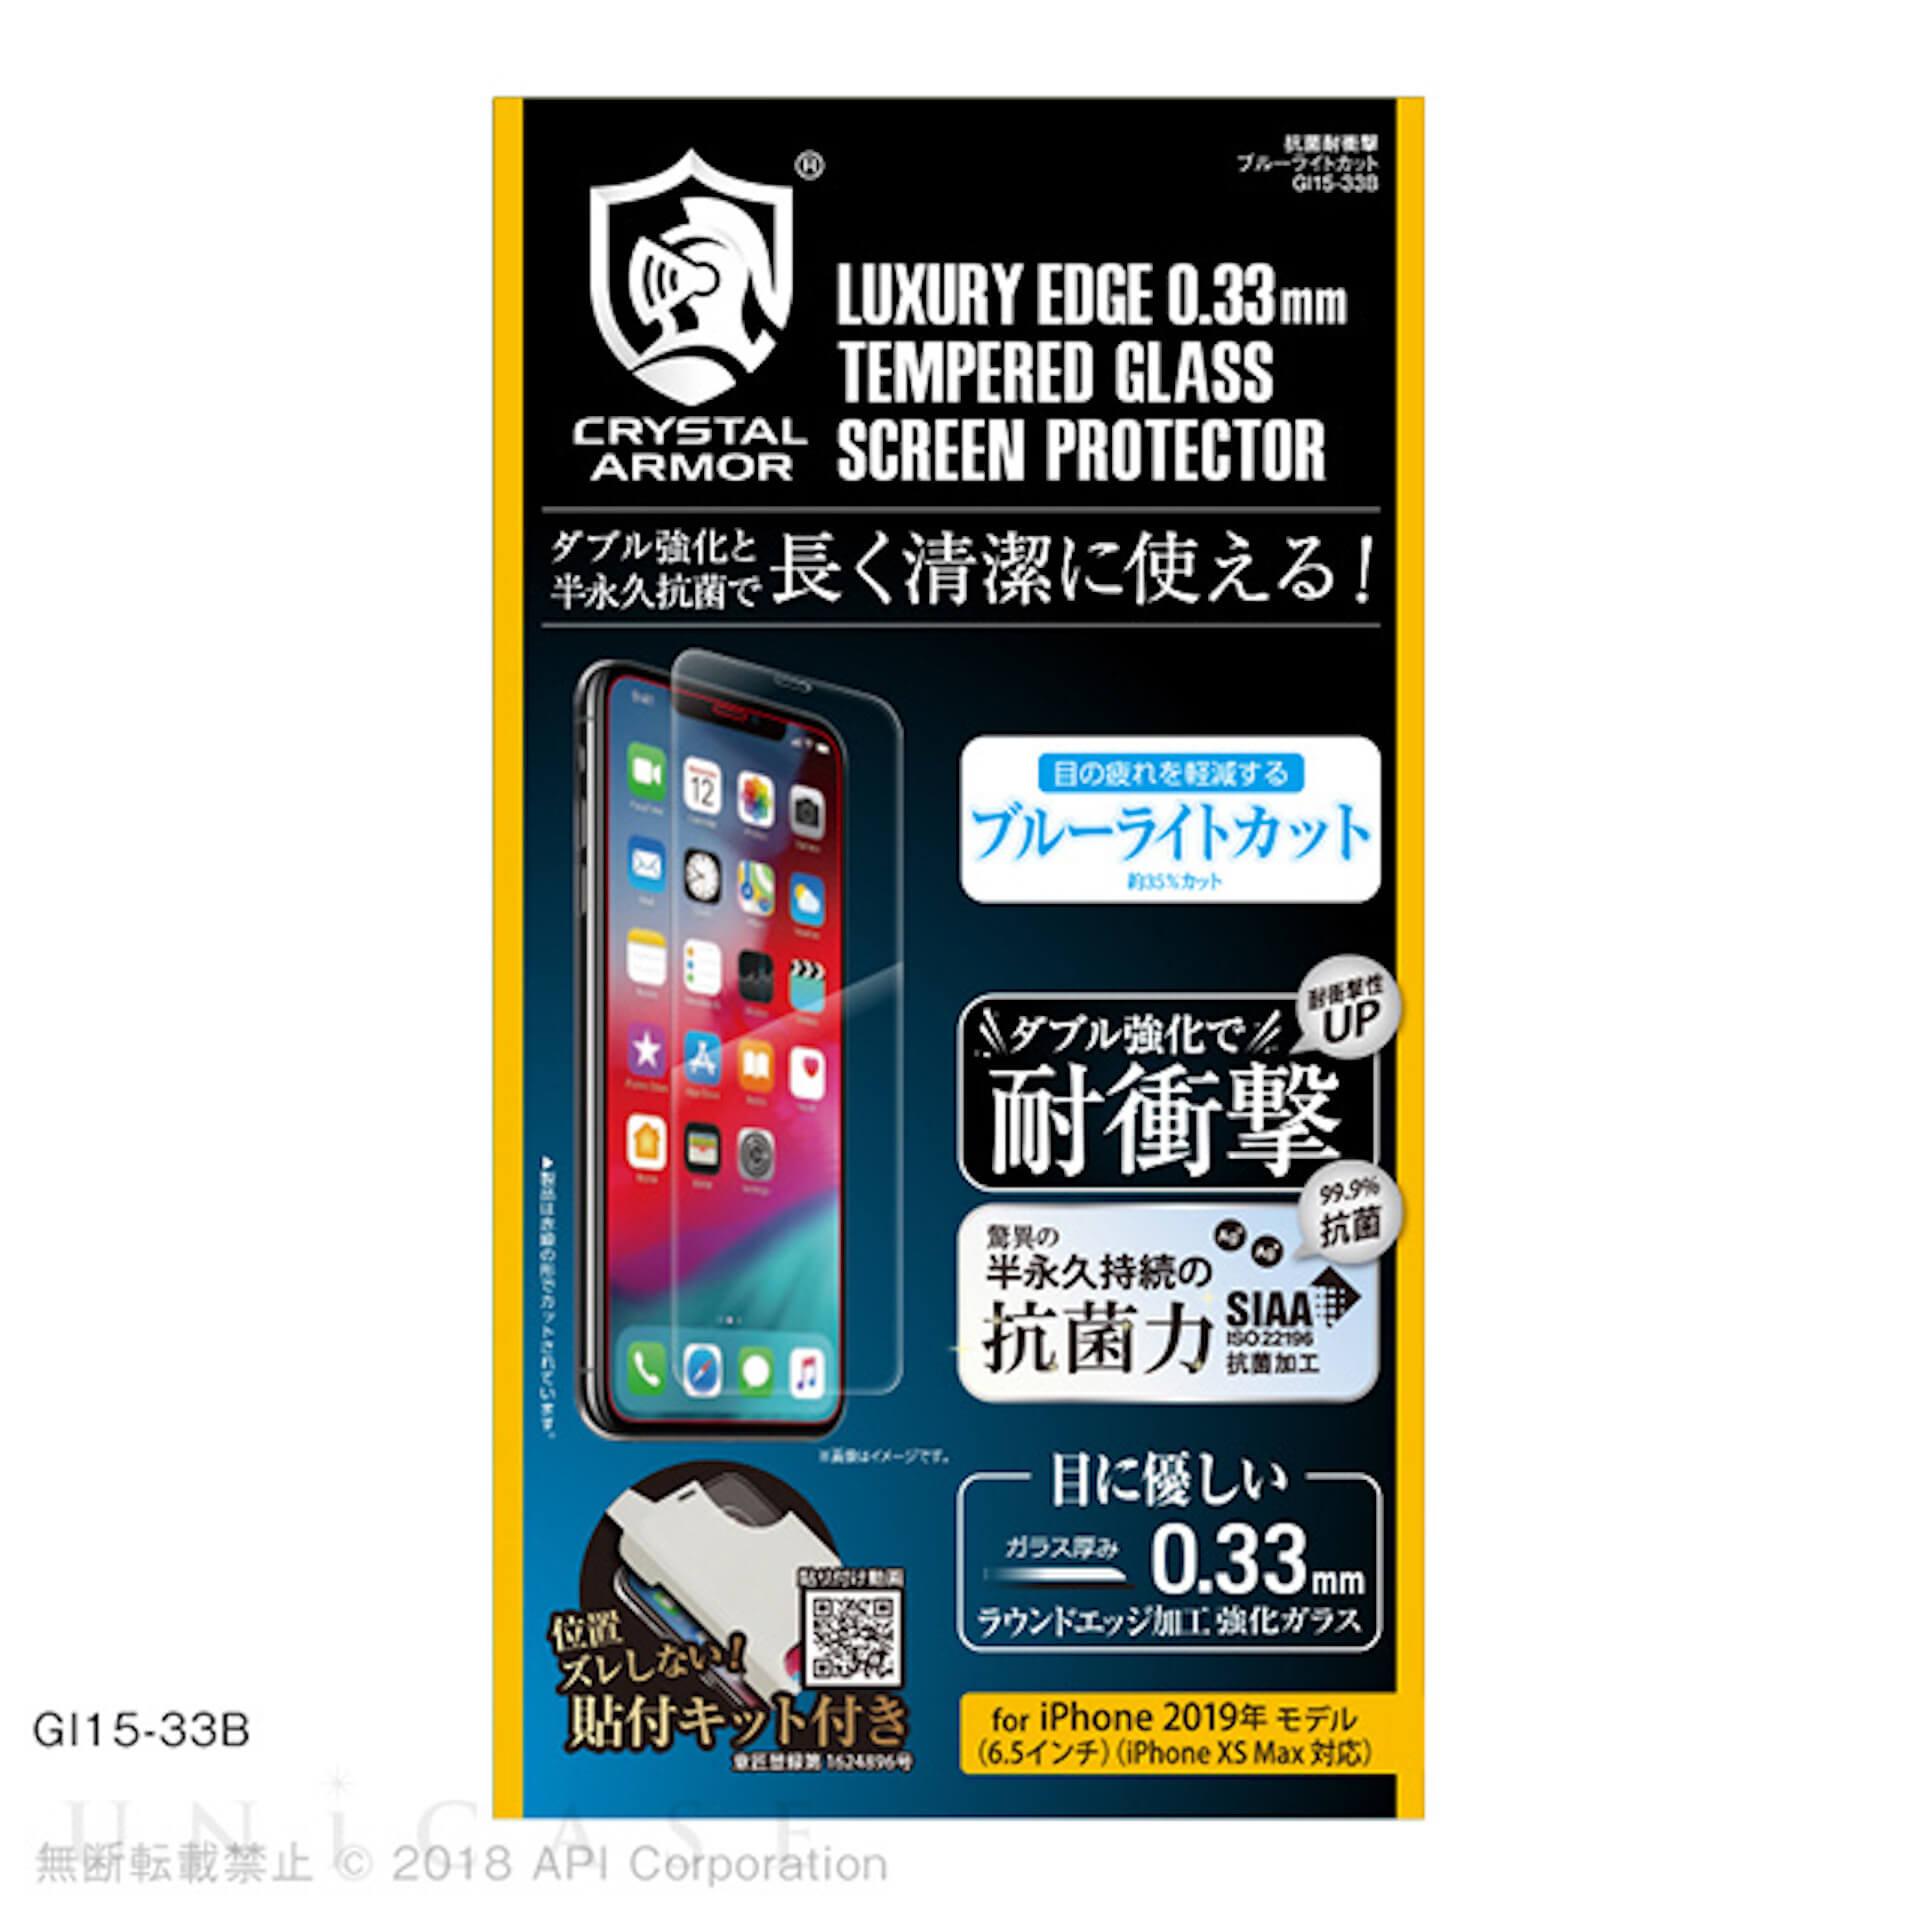 早くもiPhone 11 Pro&Pro Max対応のケースがUNiCASEから登場! tech190911iphone-unicase_9